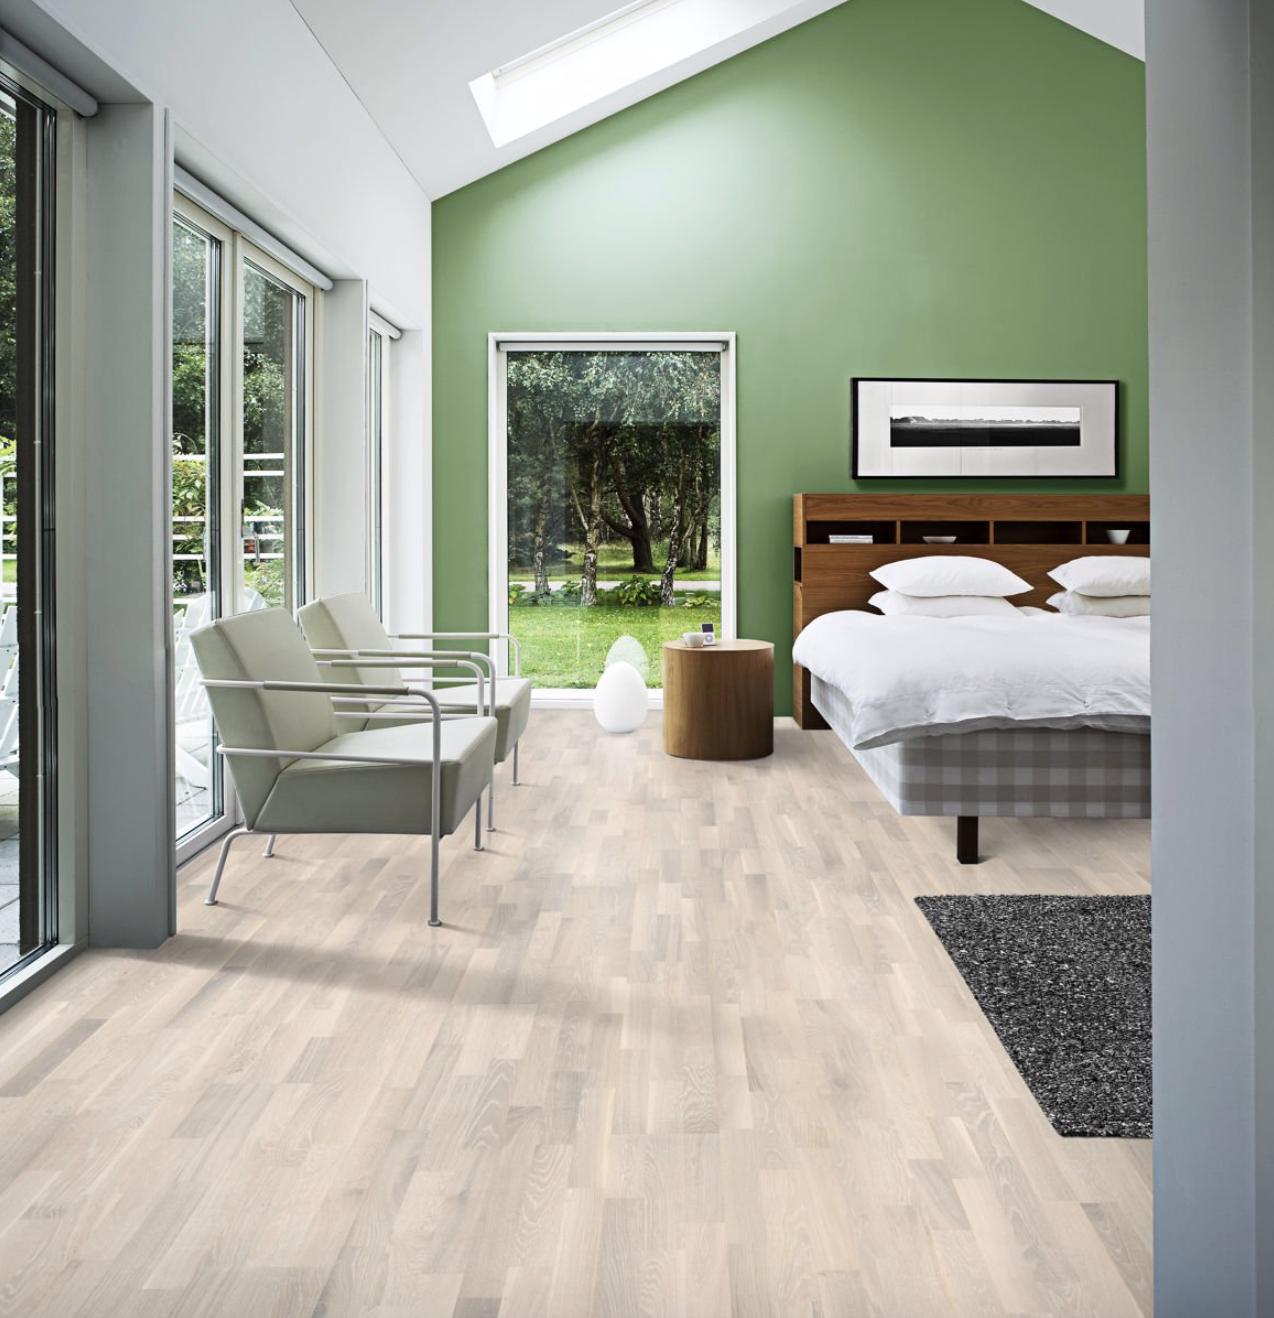 PALE Kährs Engineered wood floors, White oak floors